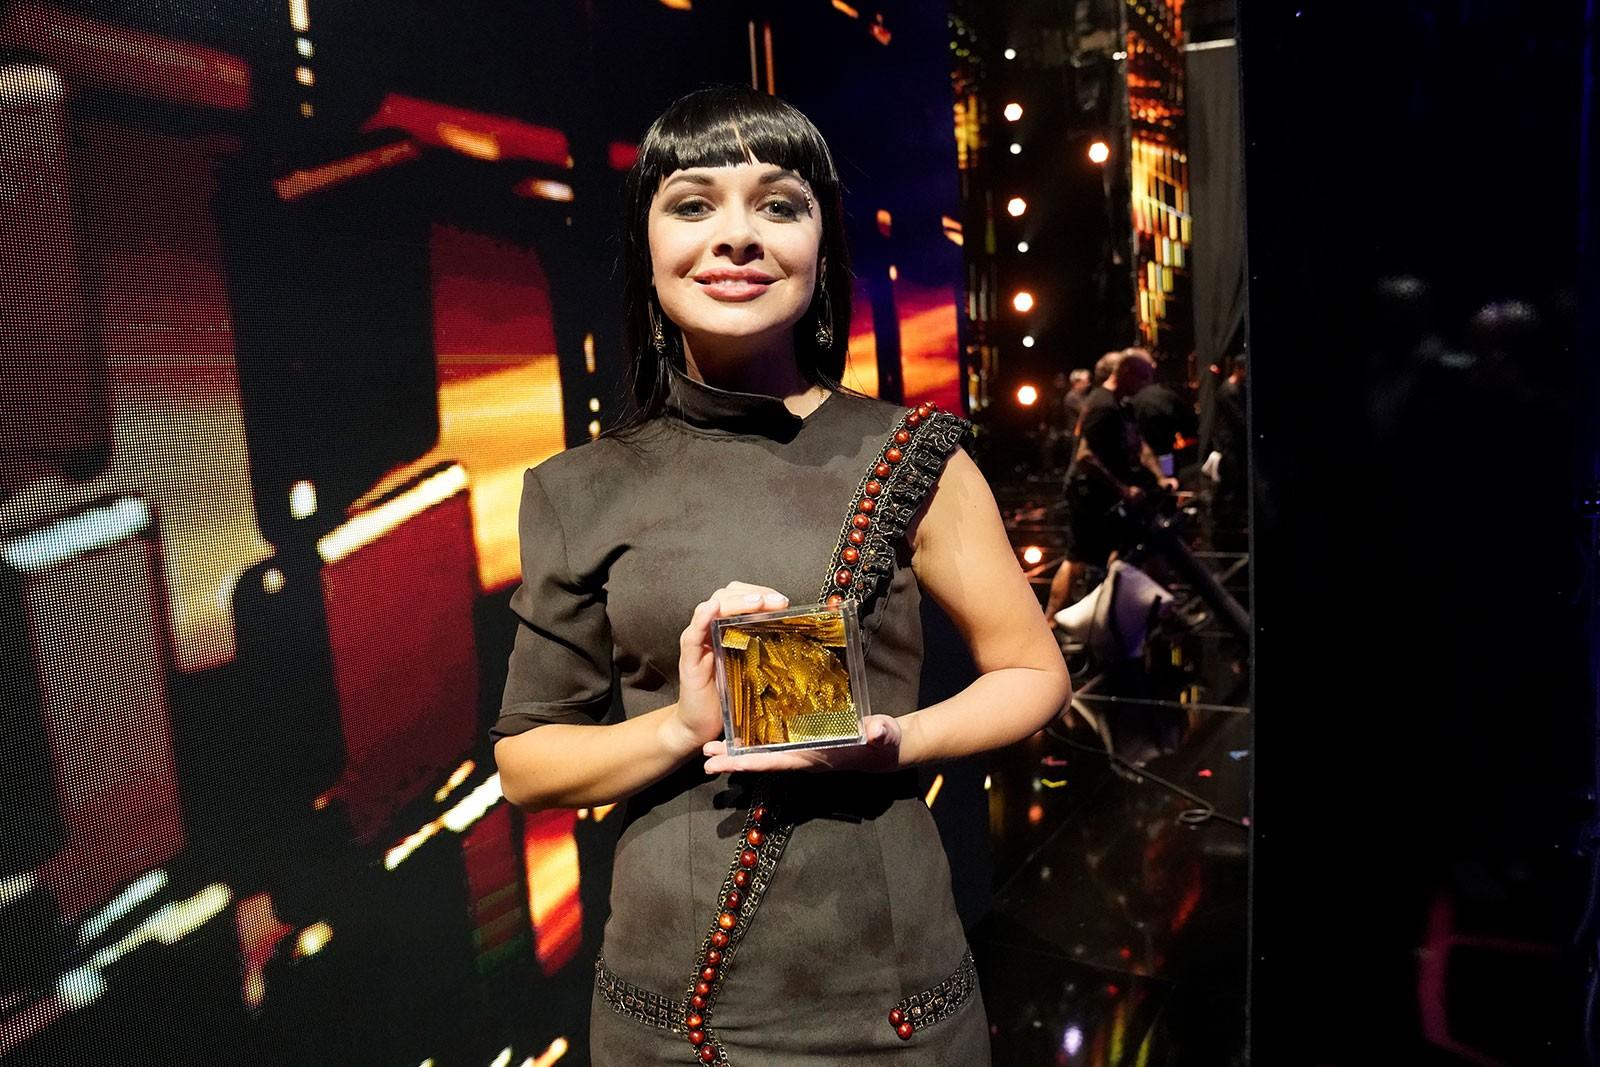 Quán quân từng vượt mặt Quốc Cơ - Quốc Nghiệp bị loại khỏi Americas Got Talent mùa All Stars - Ảnh 1.